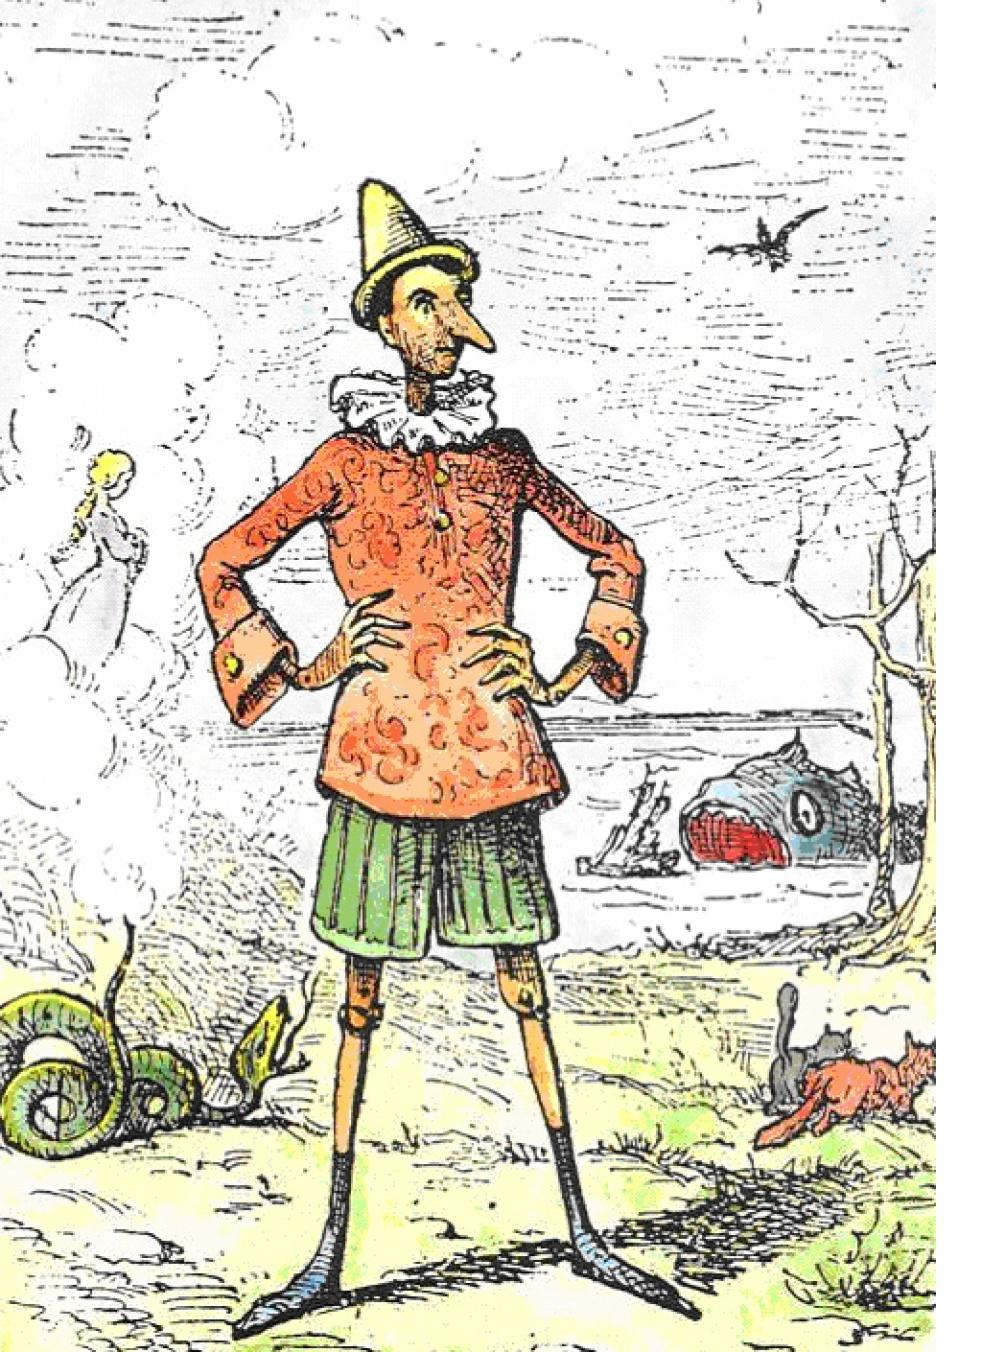 Collodi: Le avventure di Pinocchio - show cover